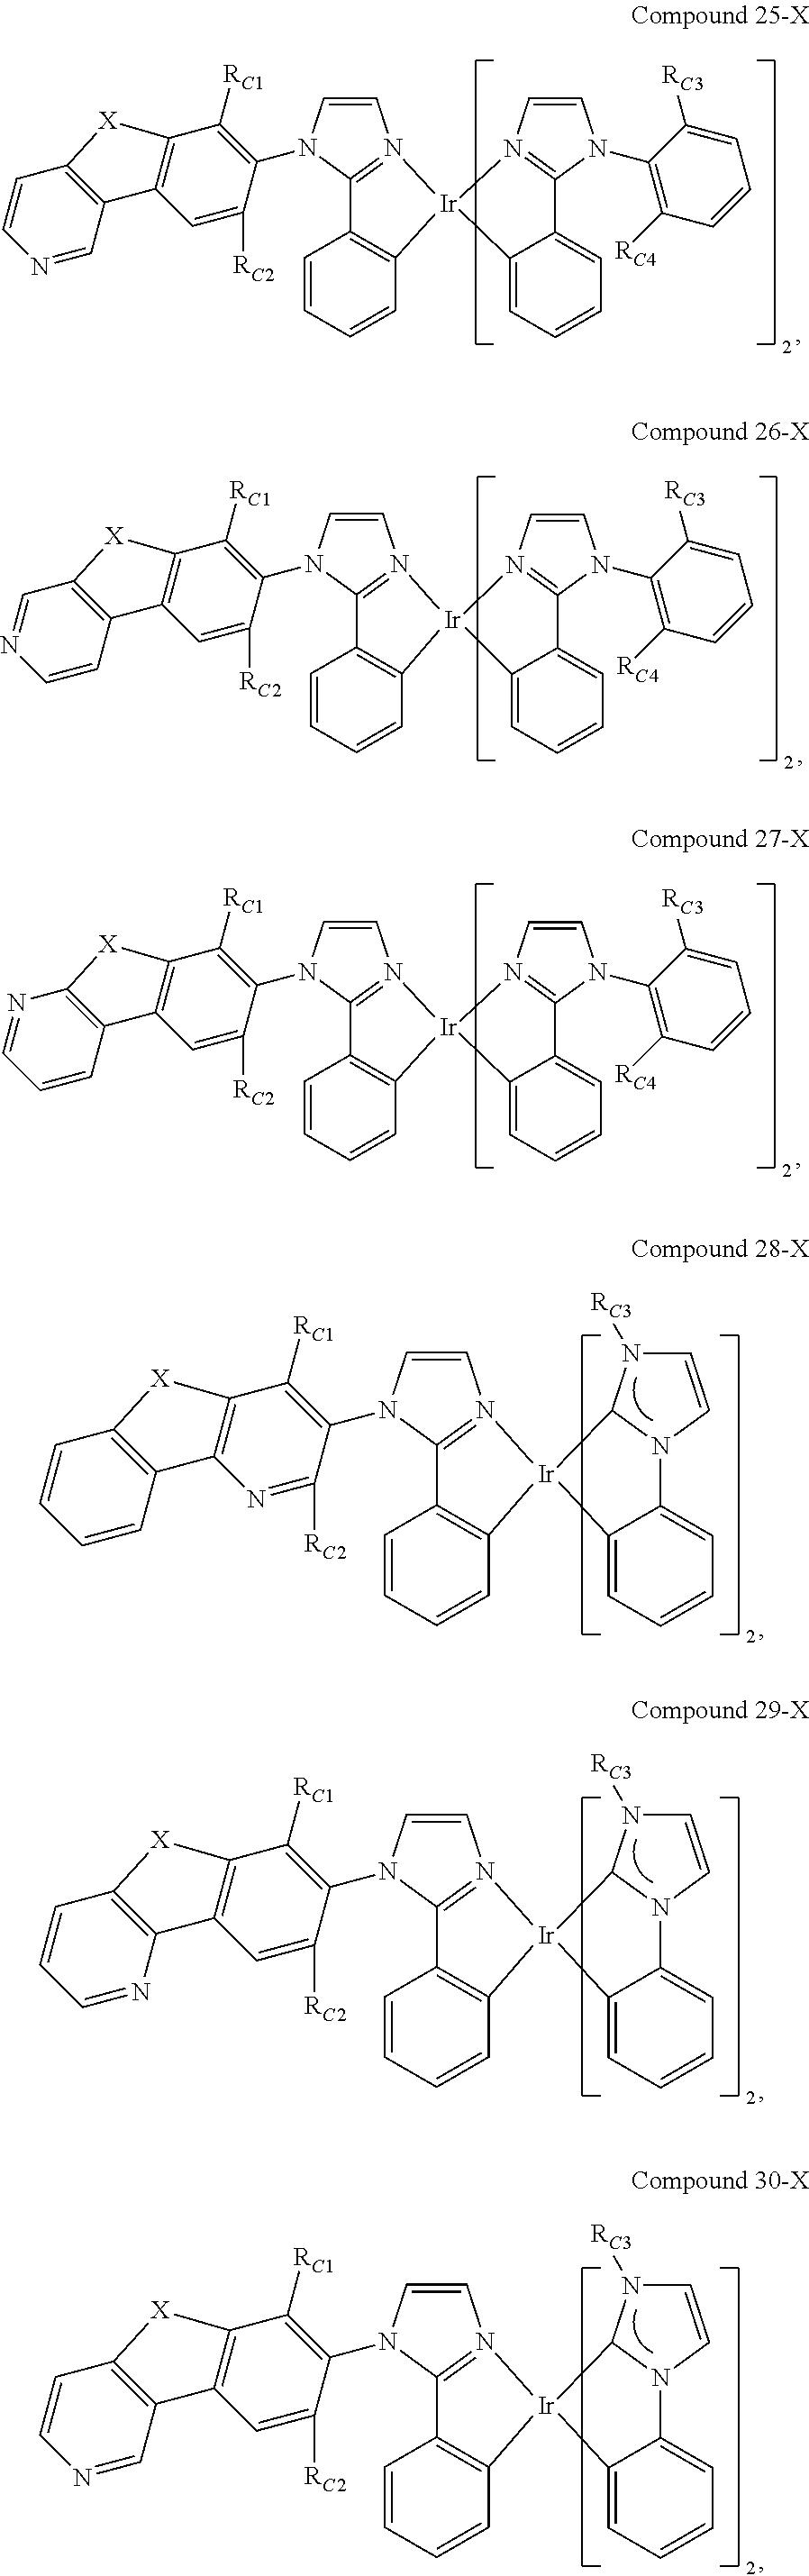 Figure US09978958-20180522-C00011